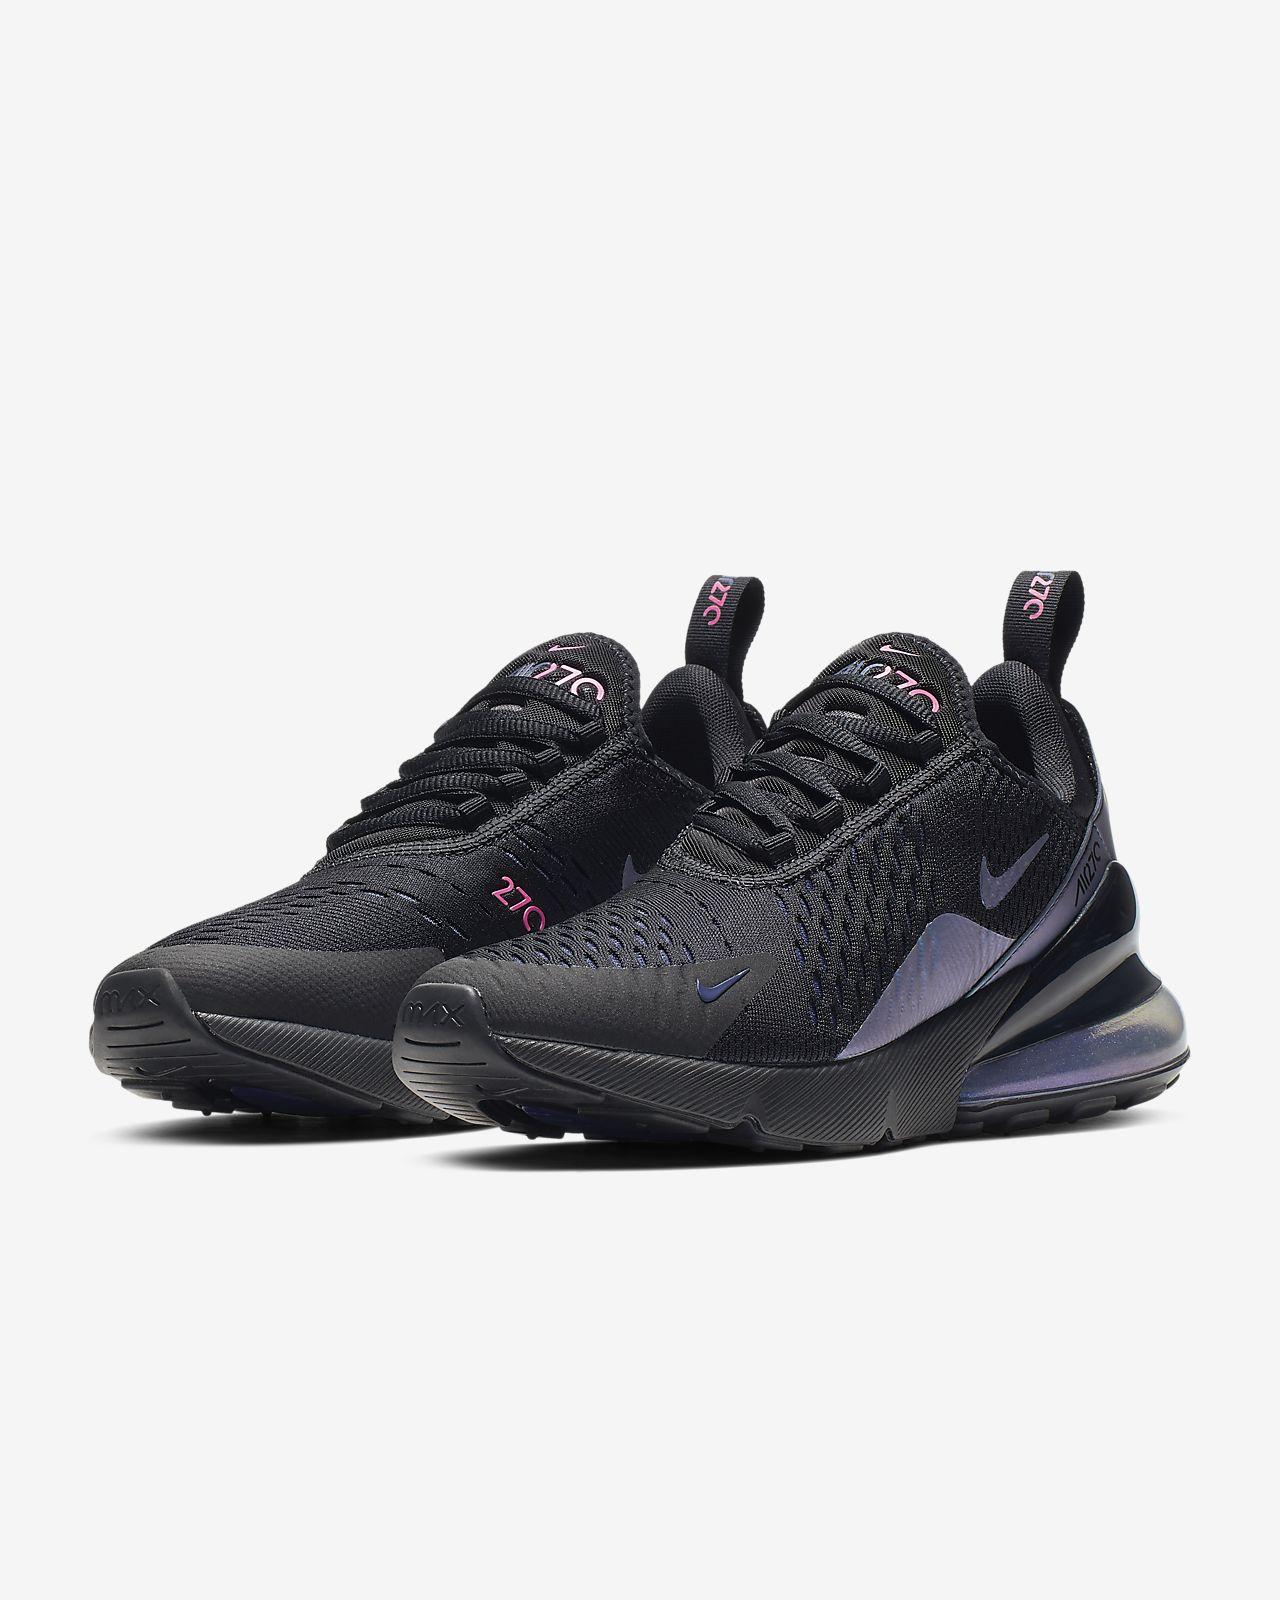 874a234bf00 Nike Air Max 270 Zapatillas - Mujer. Nike.com ES